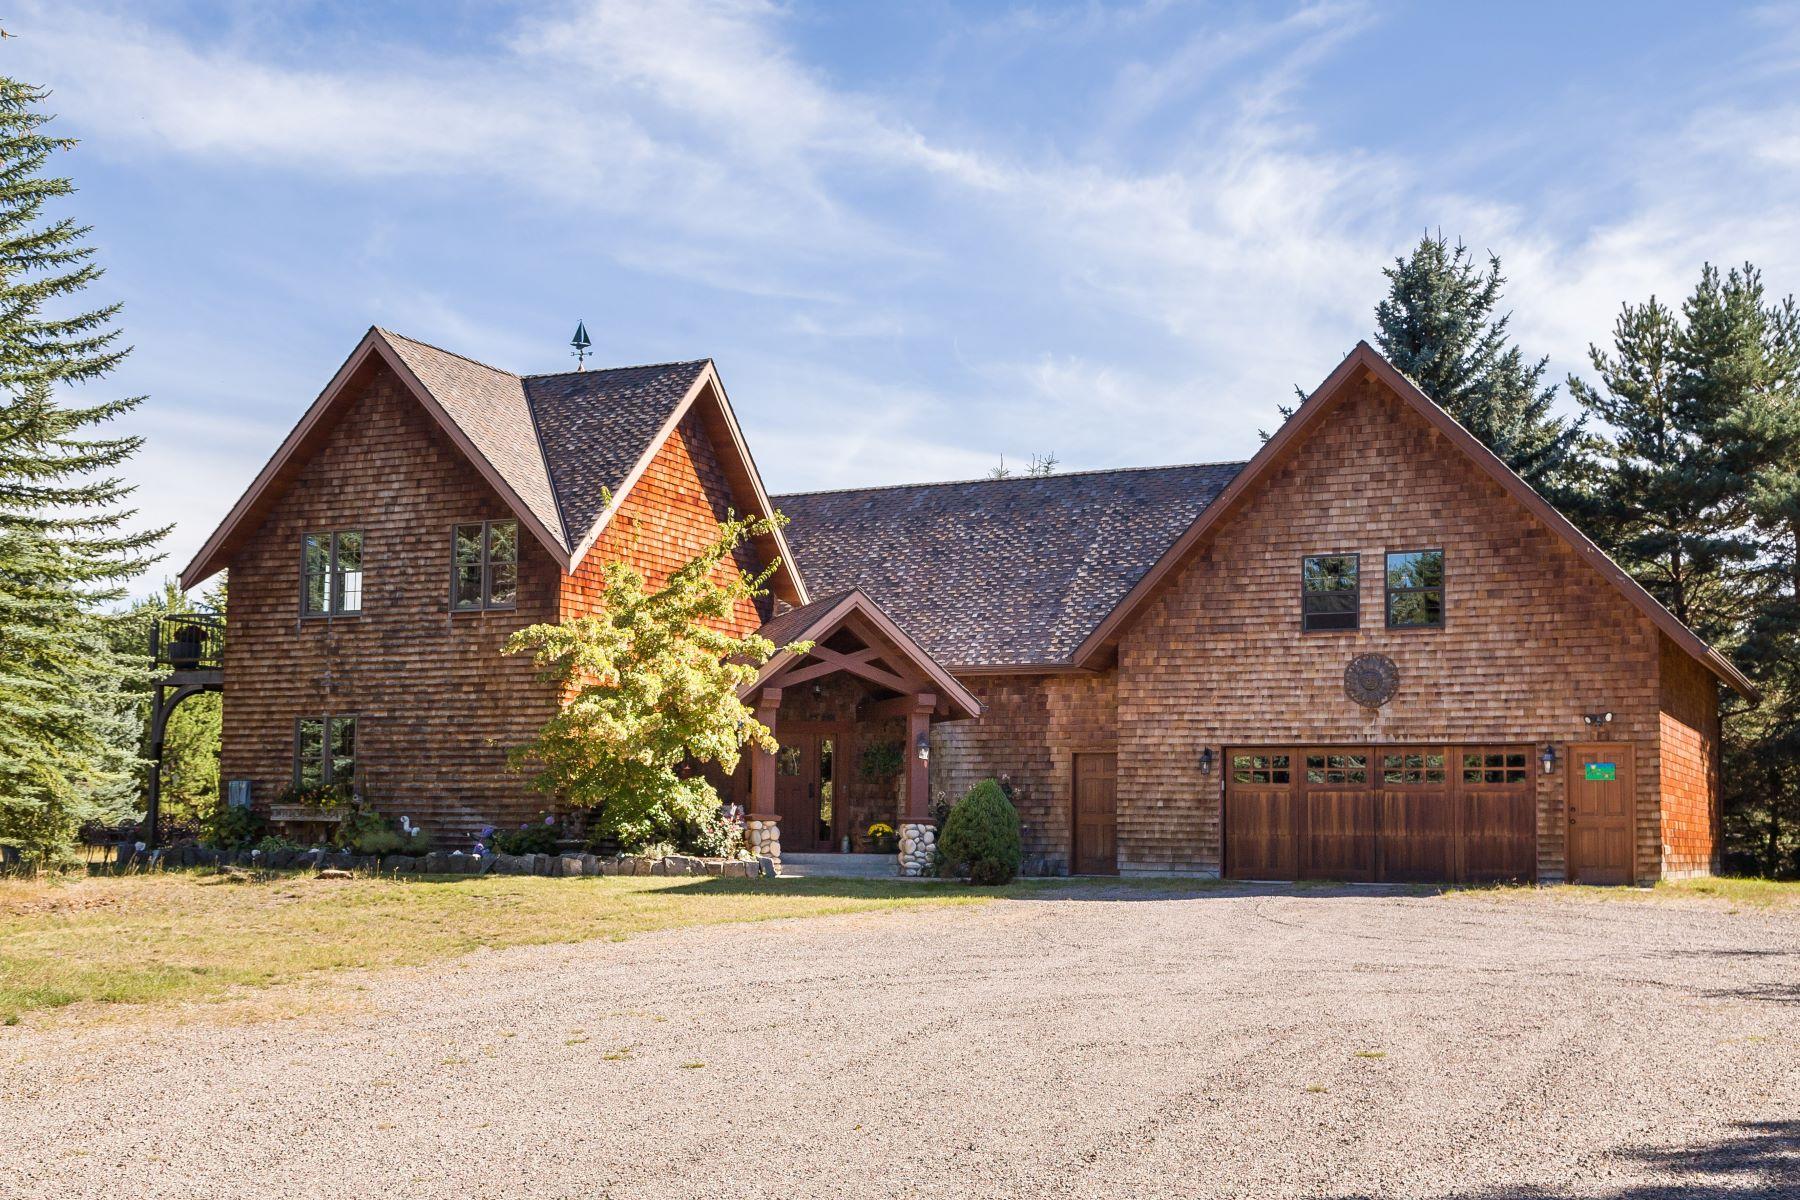 단독 가정 주택 용 매매 에 1310 Mccaffery Rd , Bigfork, MT 59911 1310 Mccaffery Rd Bigfork, 몬타나, 59911 미국